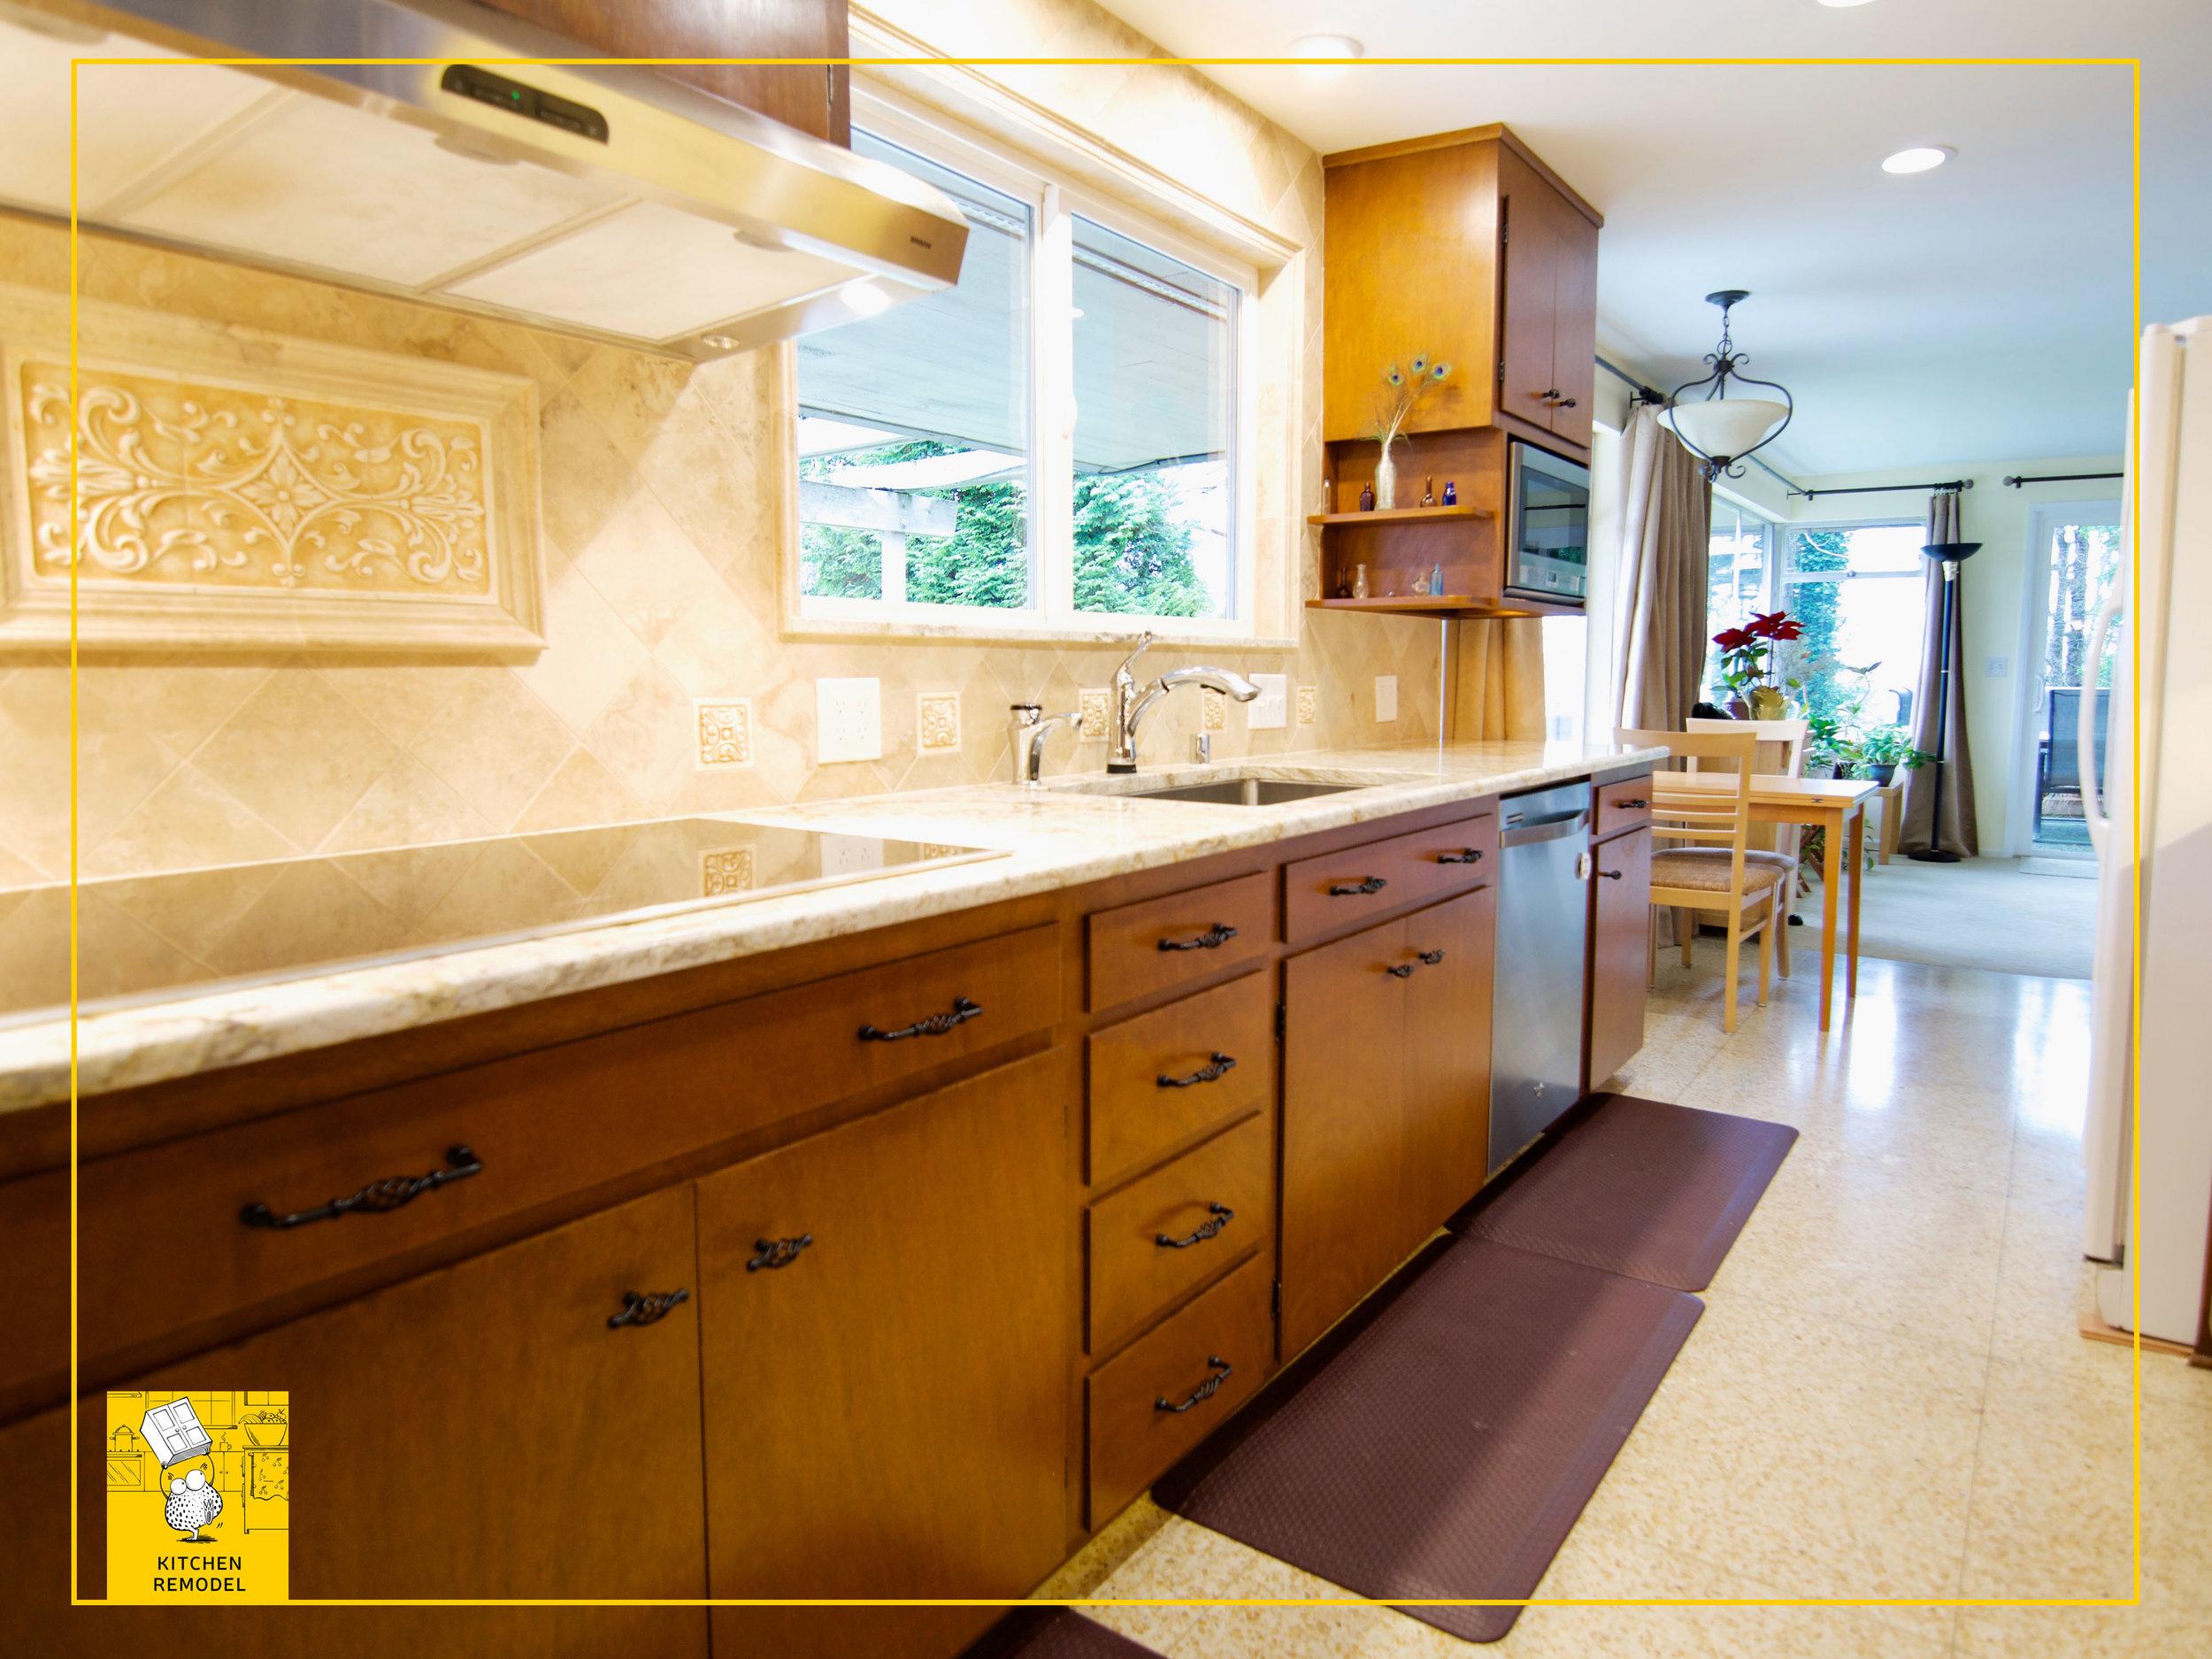 MT kitchen 2 after 4.jpg